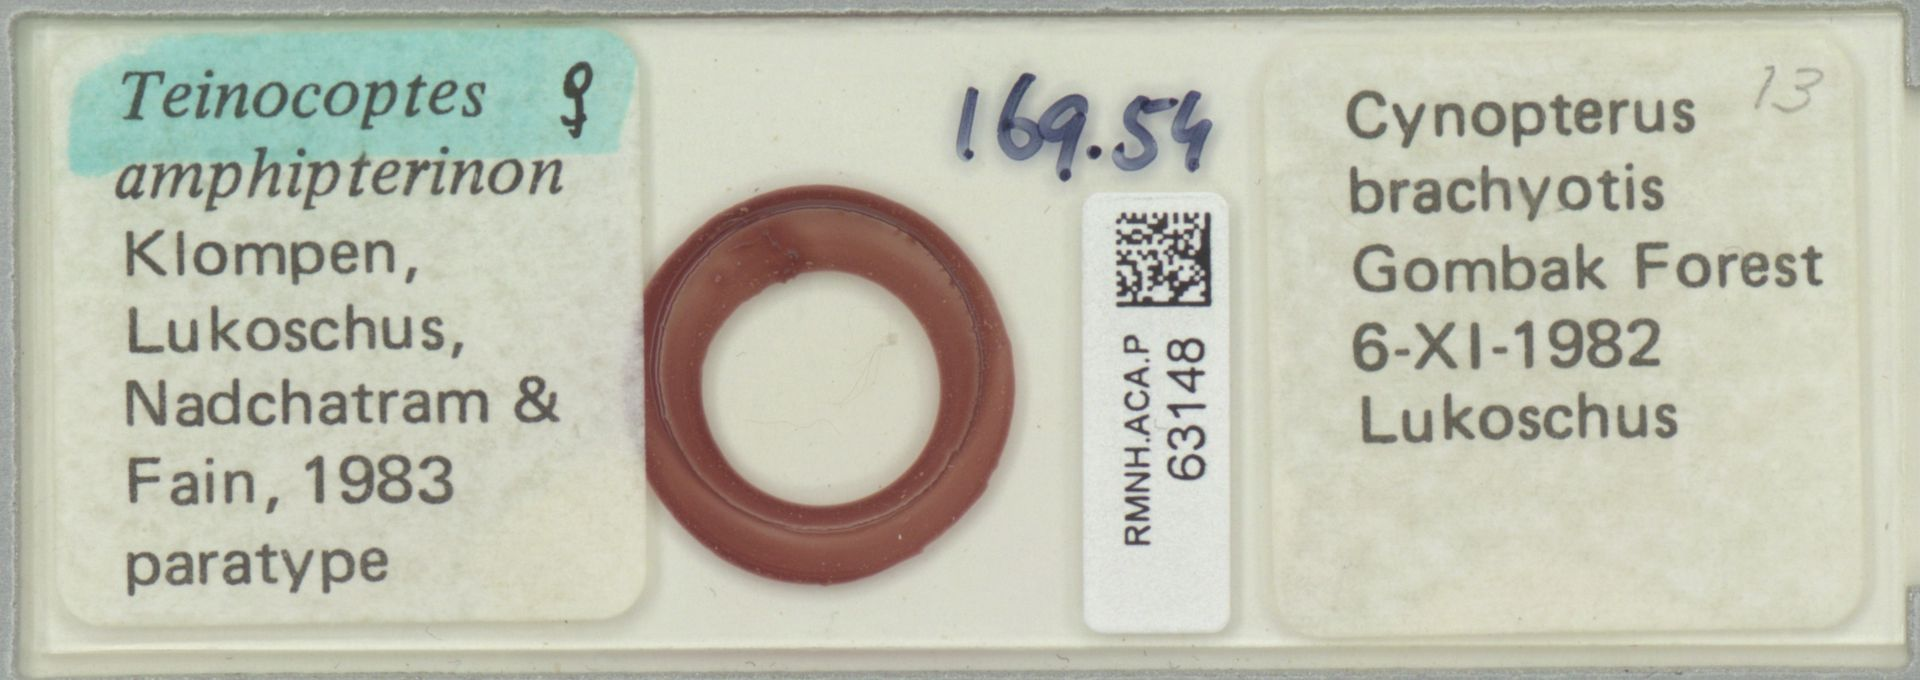 RMNH.ACA.P.63148 | Teinocoptes amphipterinon Klompen, Lukoschus, Nadchatram & Fain, 1983